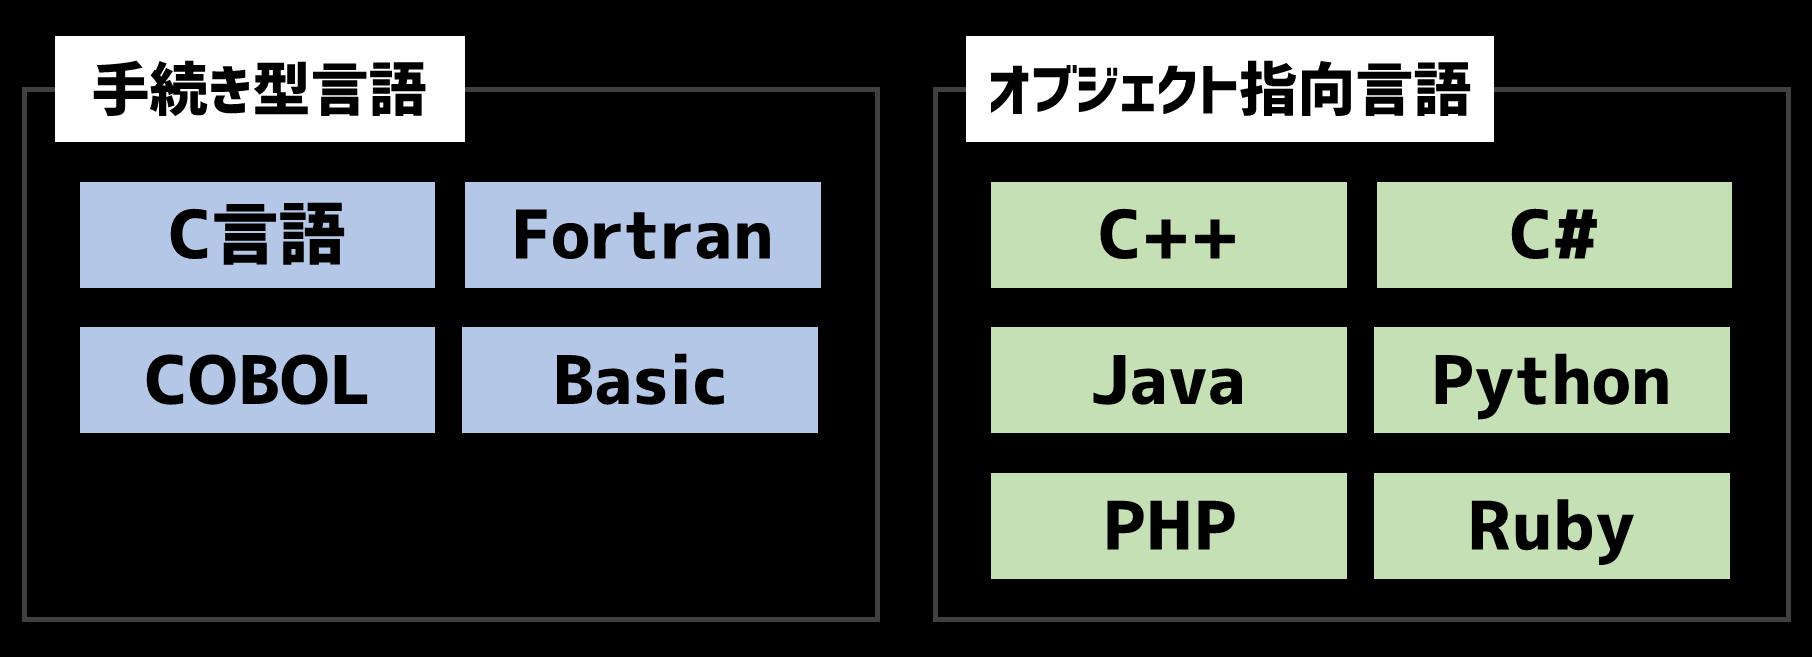 手続き型言語とオブジェクト指向言語